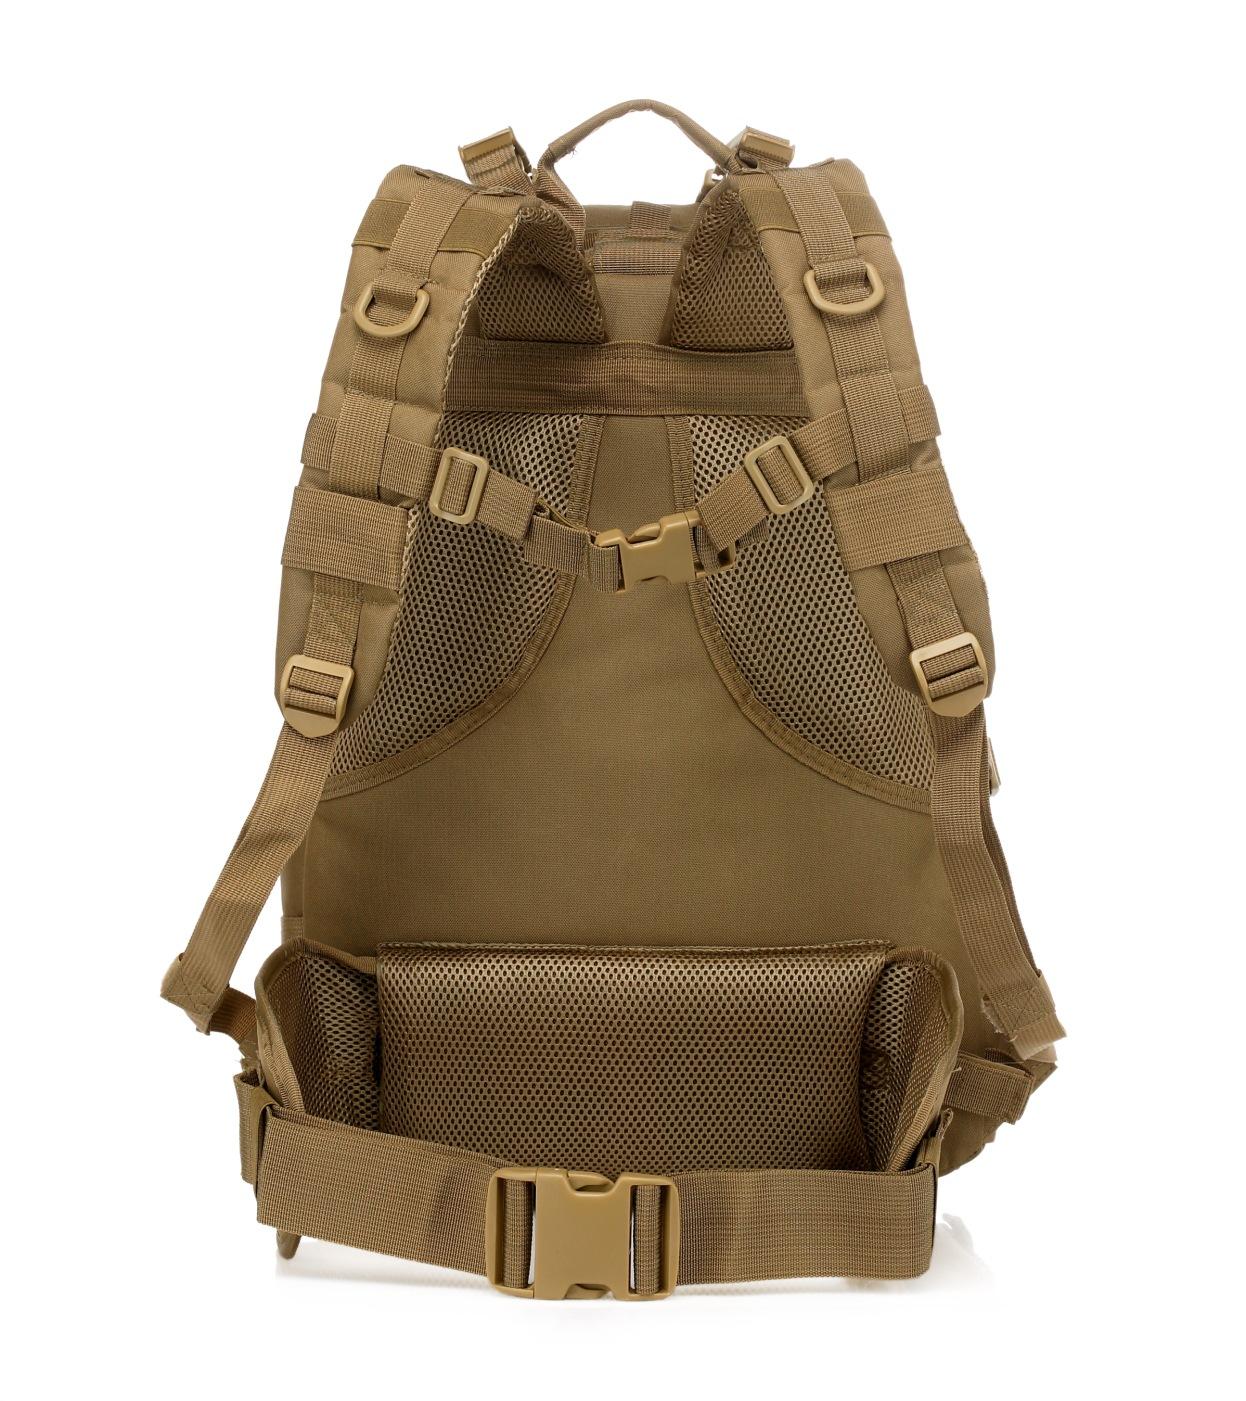 Компактный эргономичный рюкзак для охоты и рыбалки оптом и в розницу